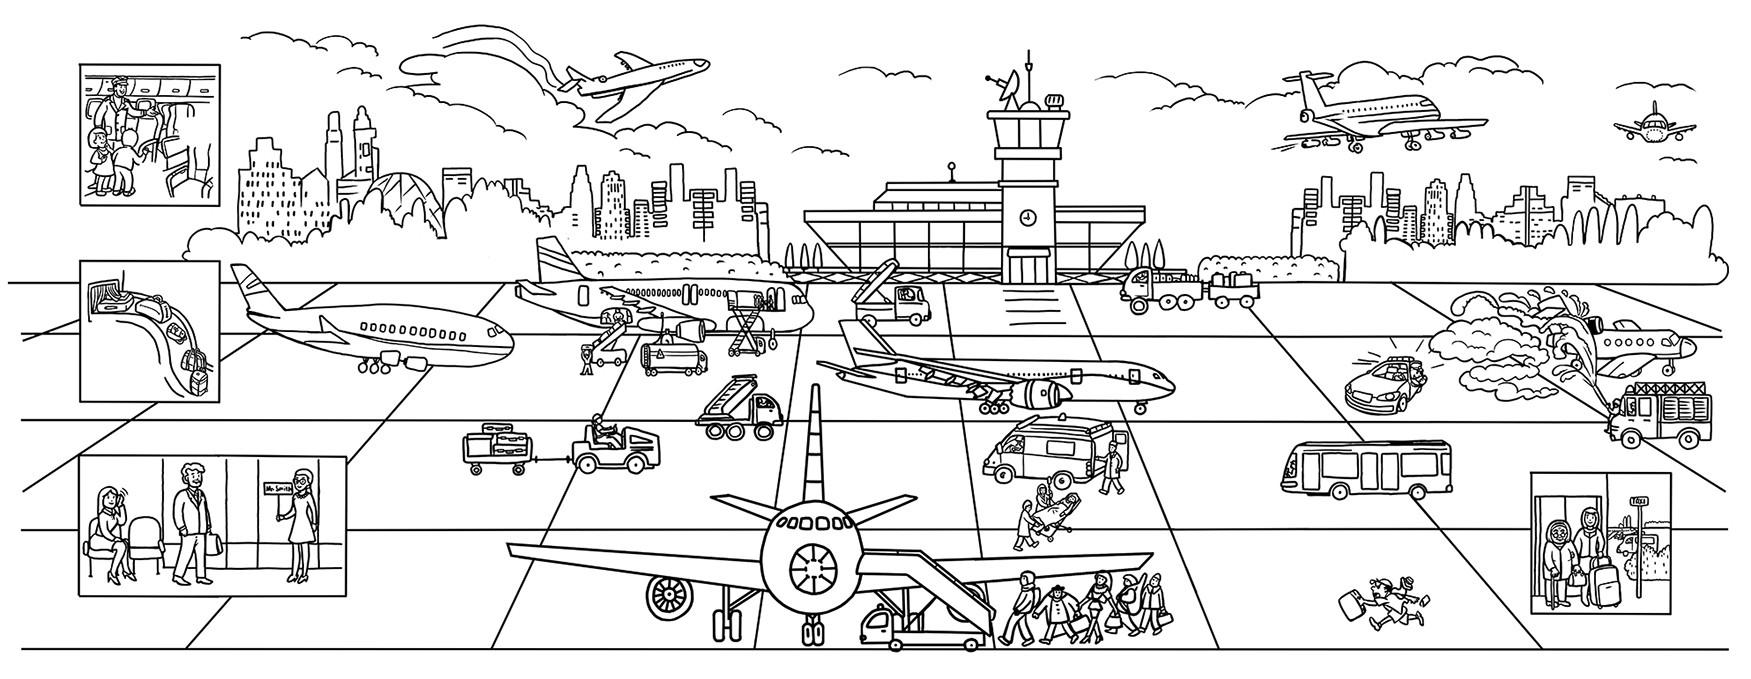 Раскраска аэропорт распечатать